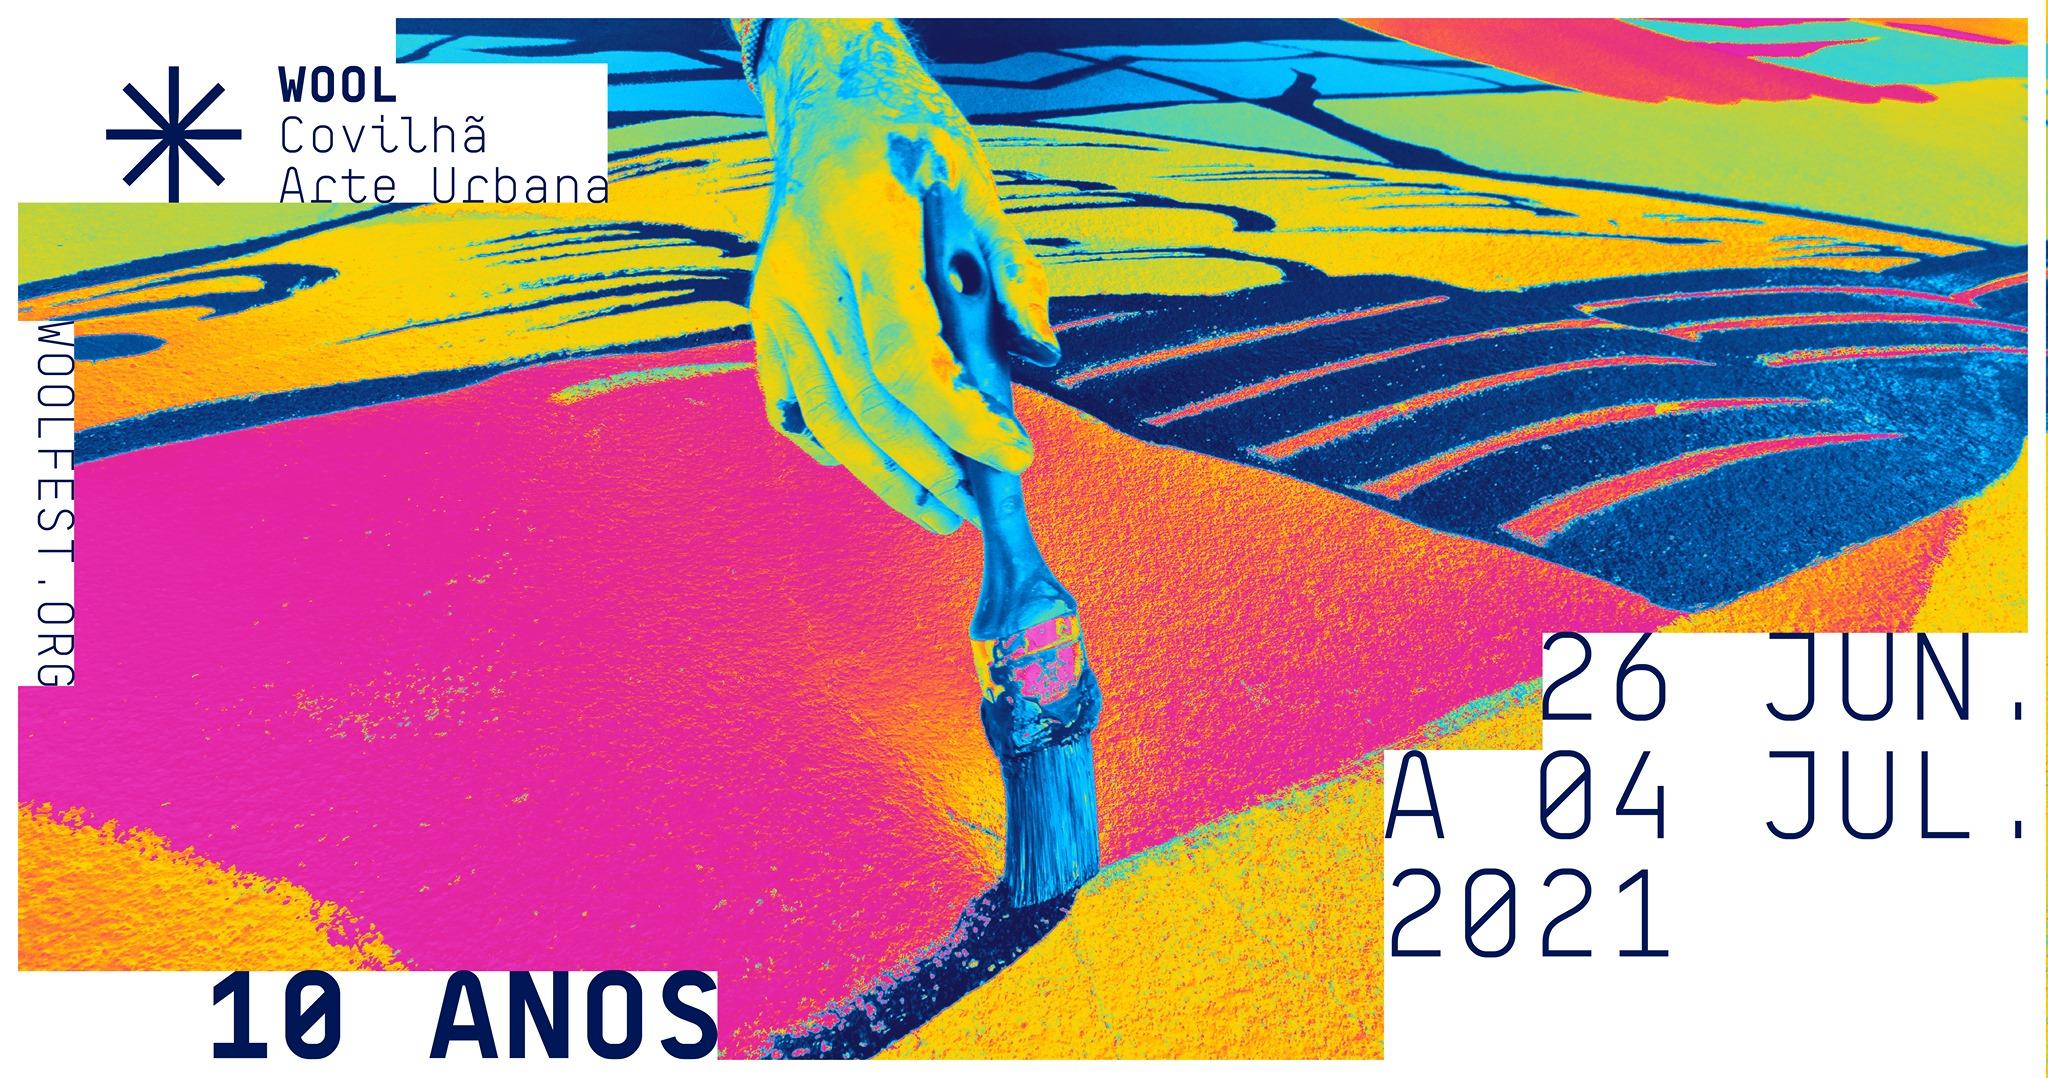 WOOL | Covilhã Arte Urbana 2021